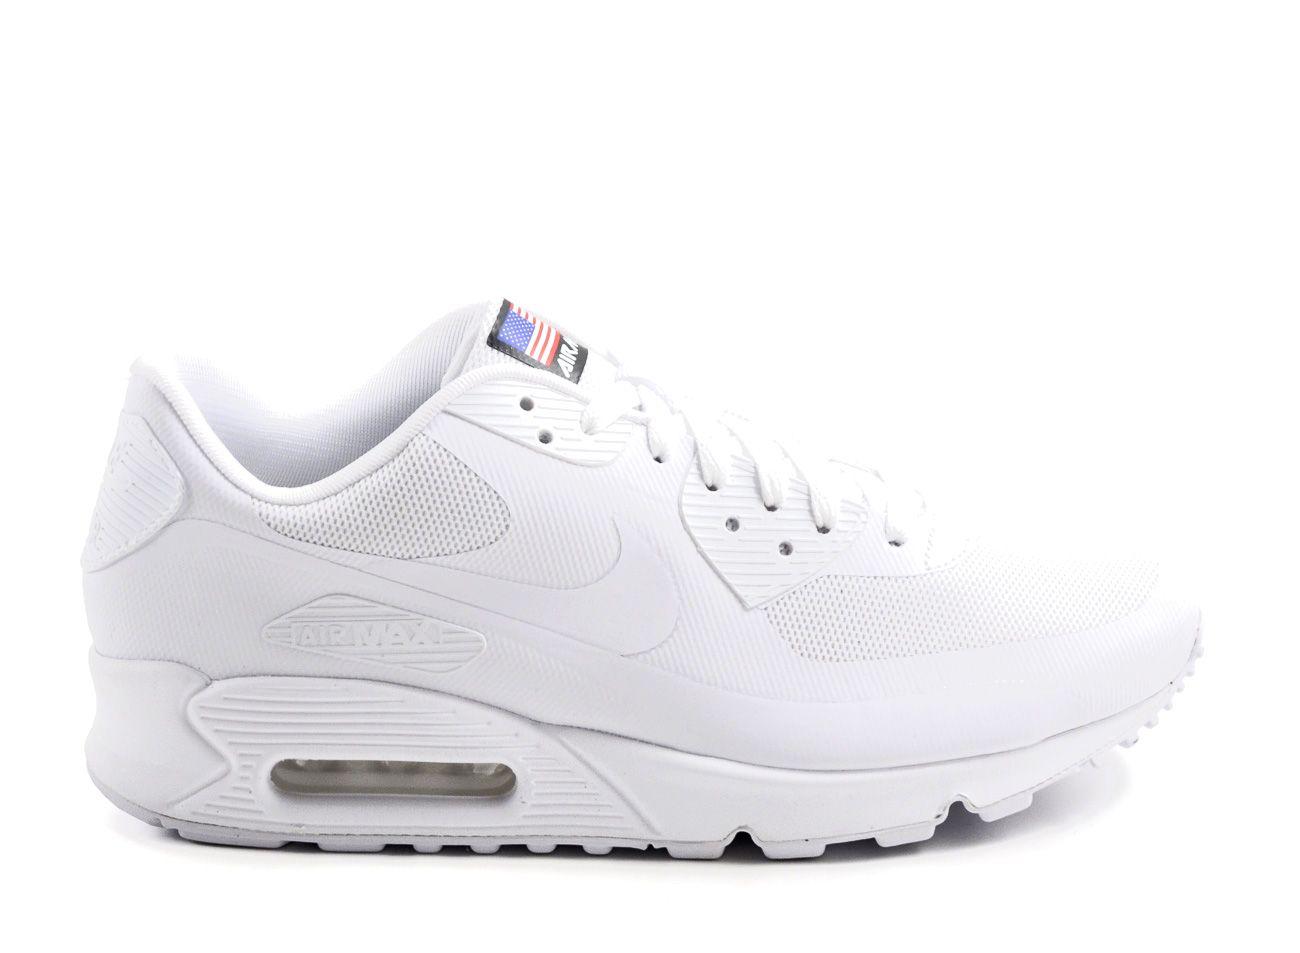 nike air max 90 hyperfuse qs white/white/black